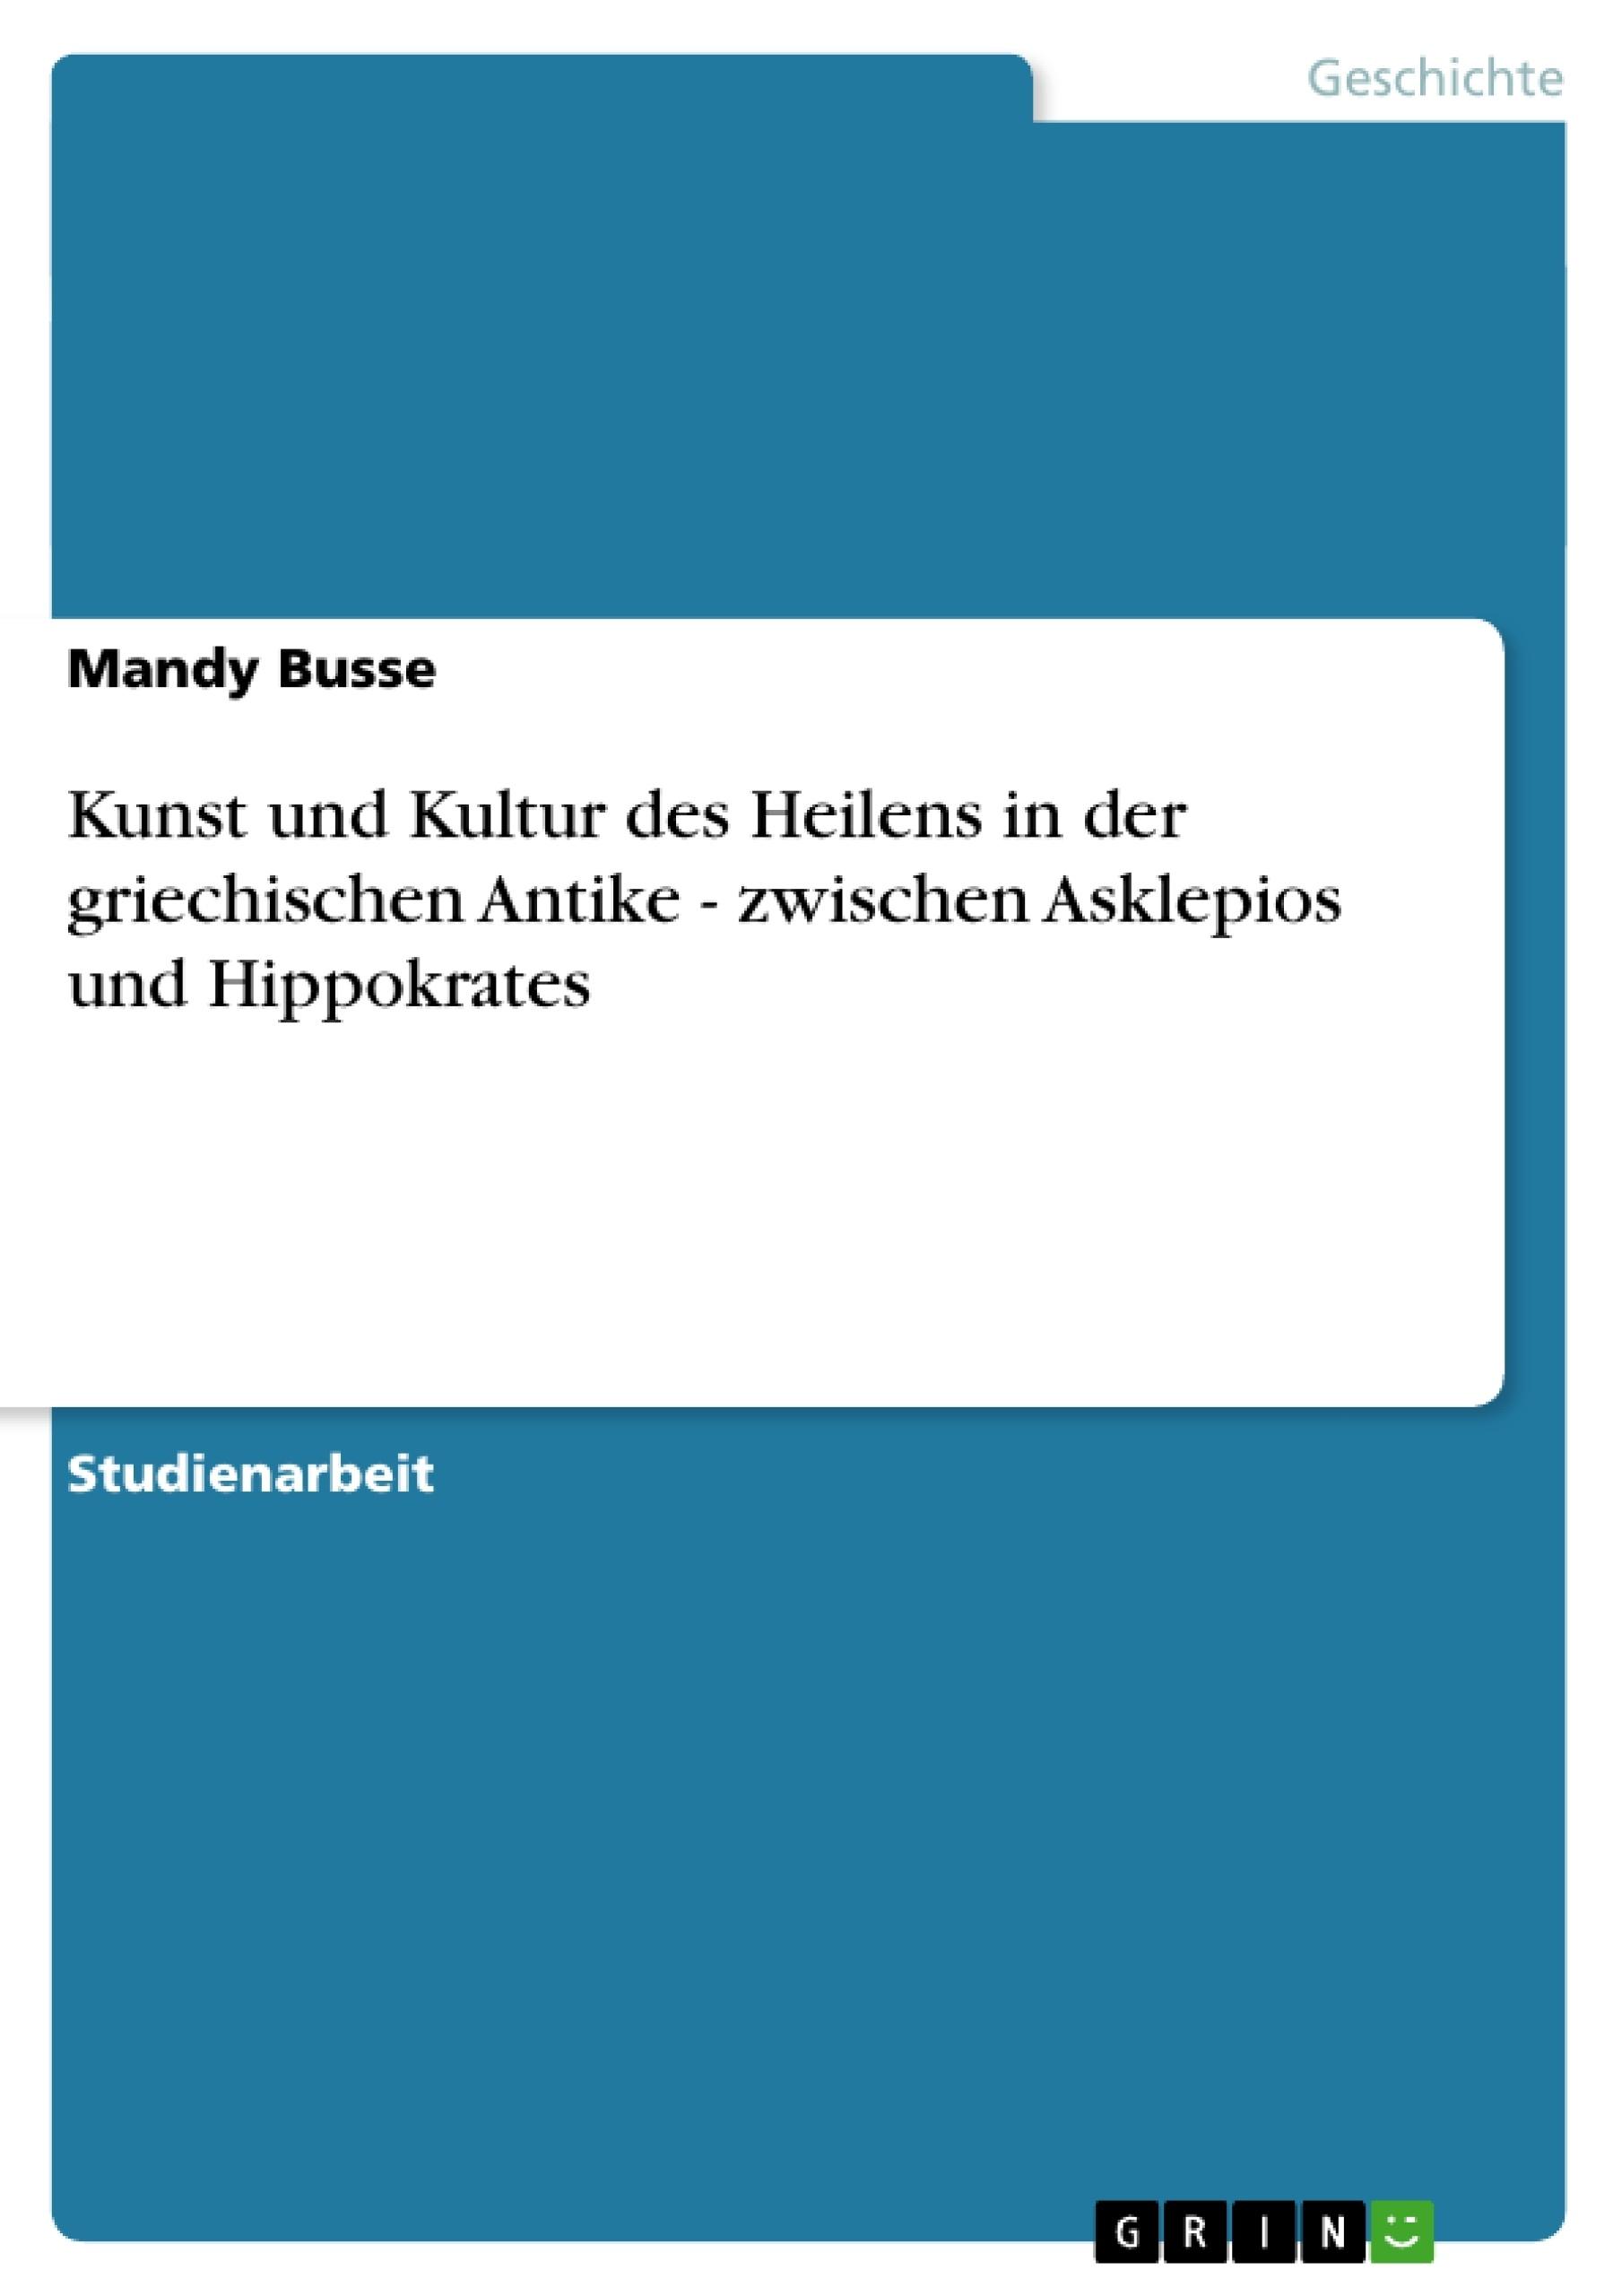 Titel: Kunst und Kultur des Heilens in der griechischen Antike - zwischen Asklepios und Hippokrates